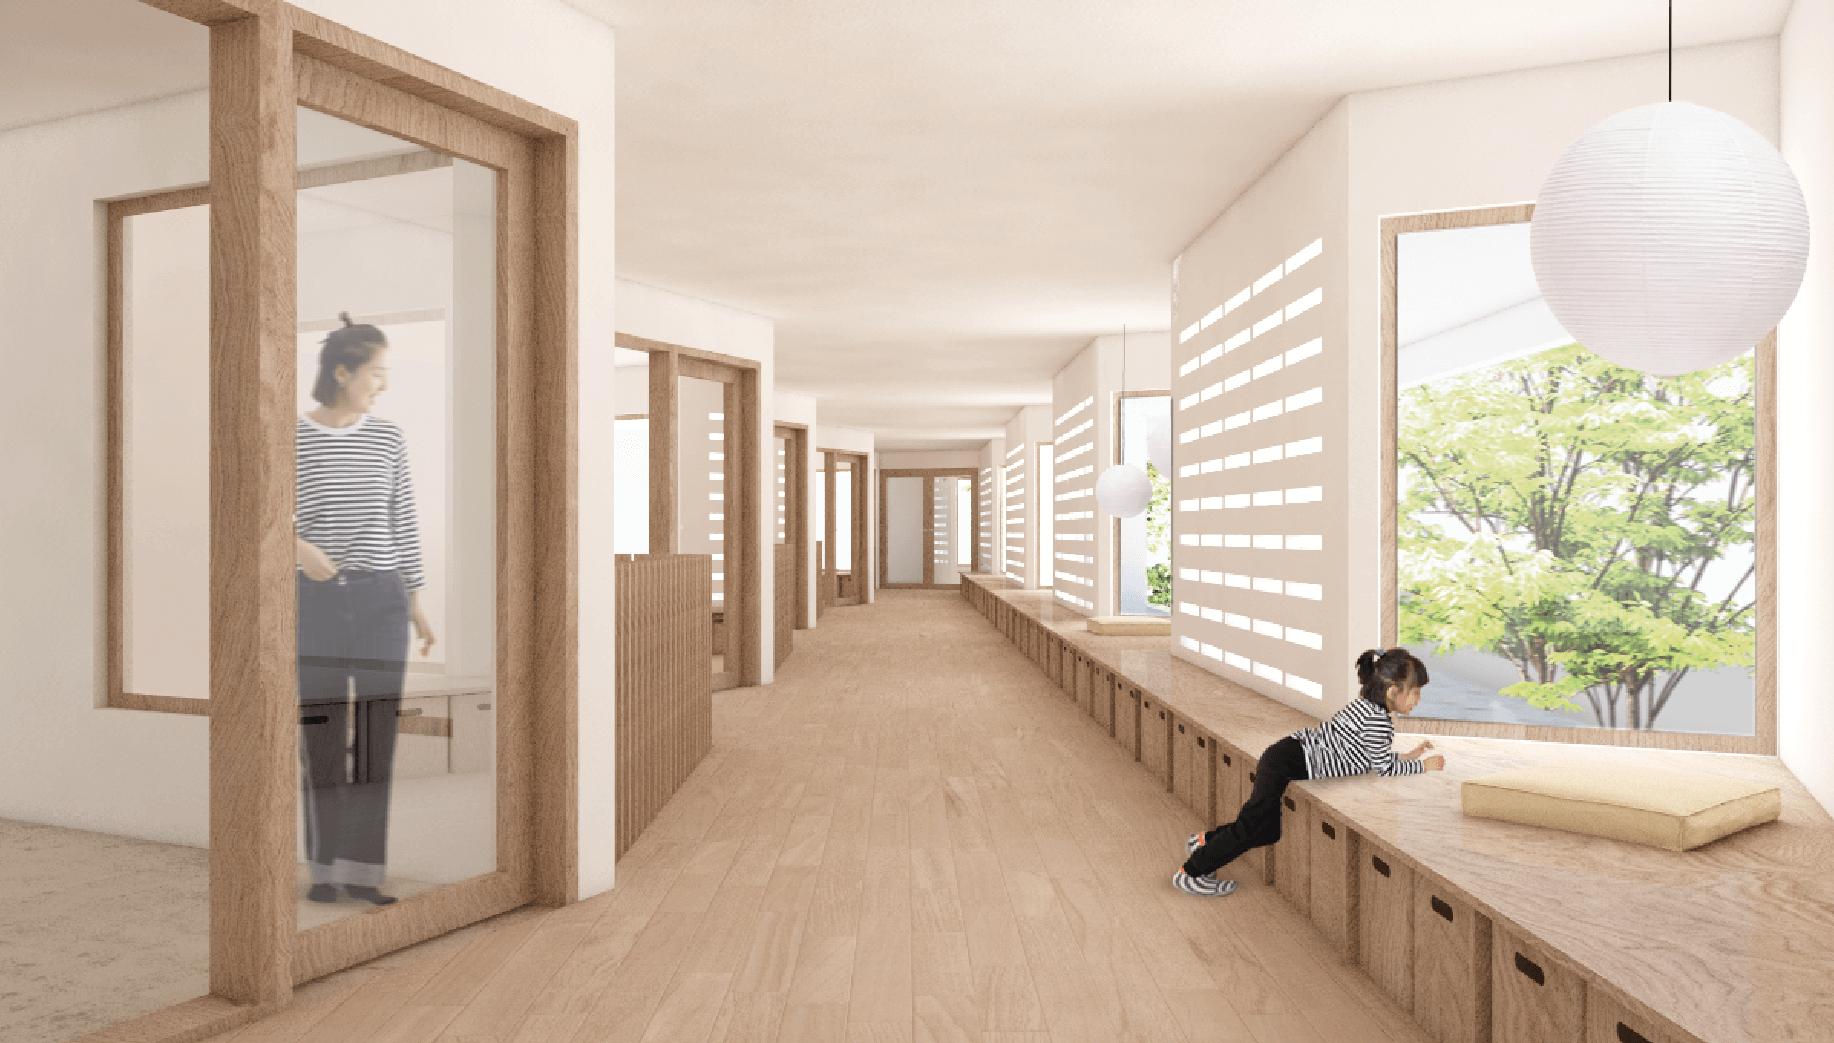 HEI Space-design-preschool-kindergarten-880x500-49